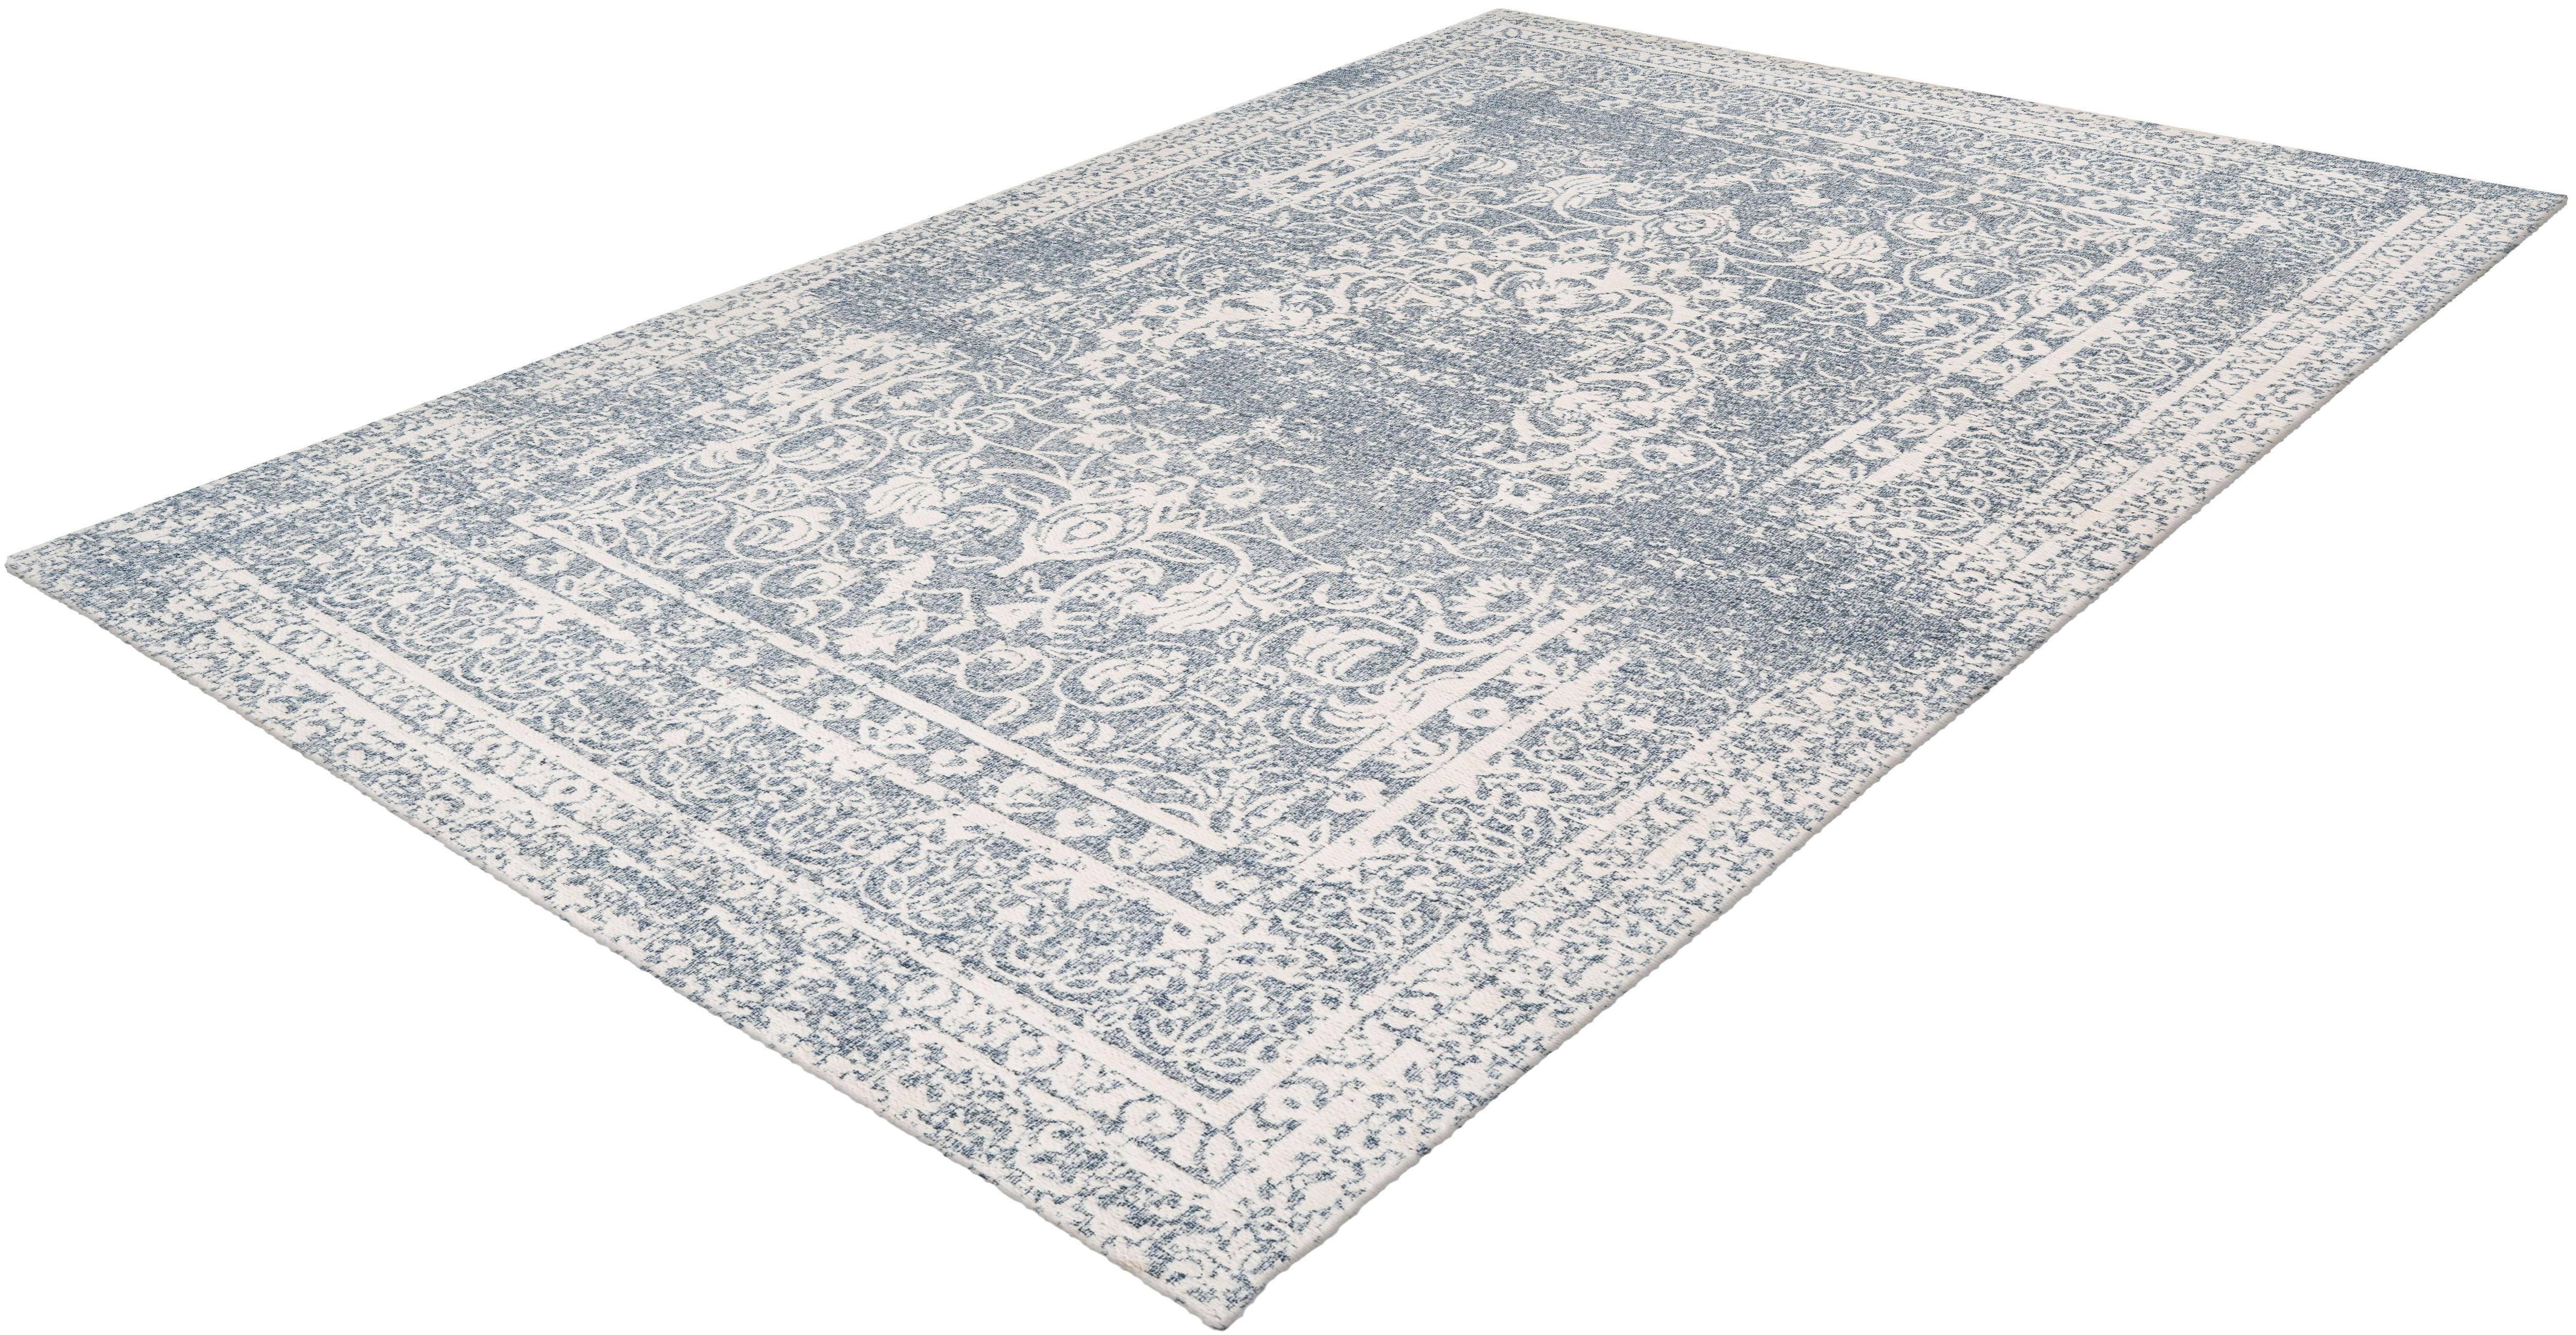 Teppich Iglesia 400 Arte Espina rechteckig Höhe 10 mm maschinell gewebt